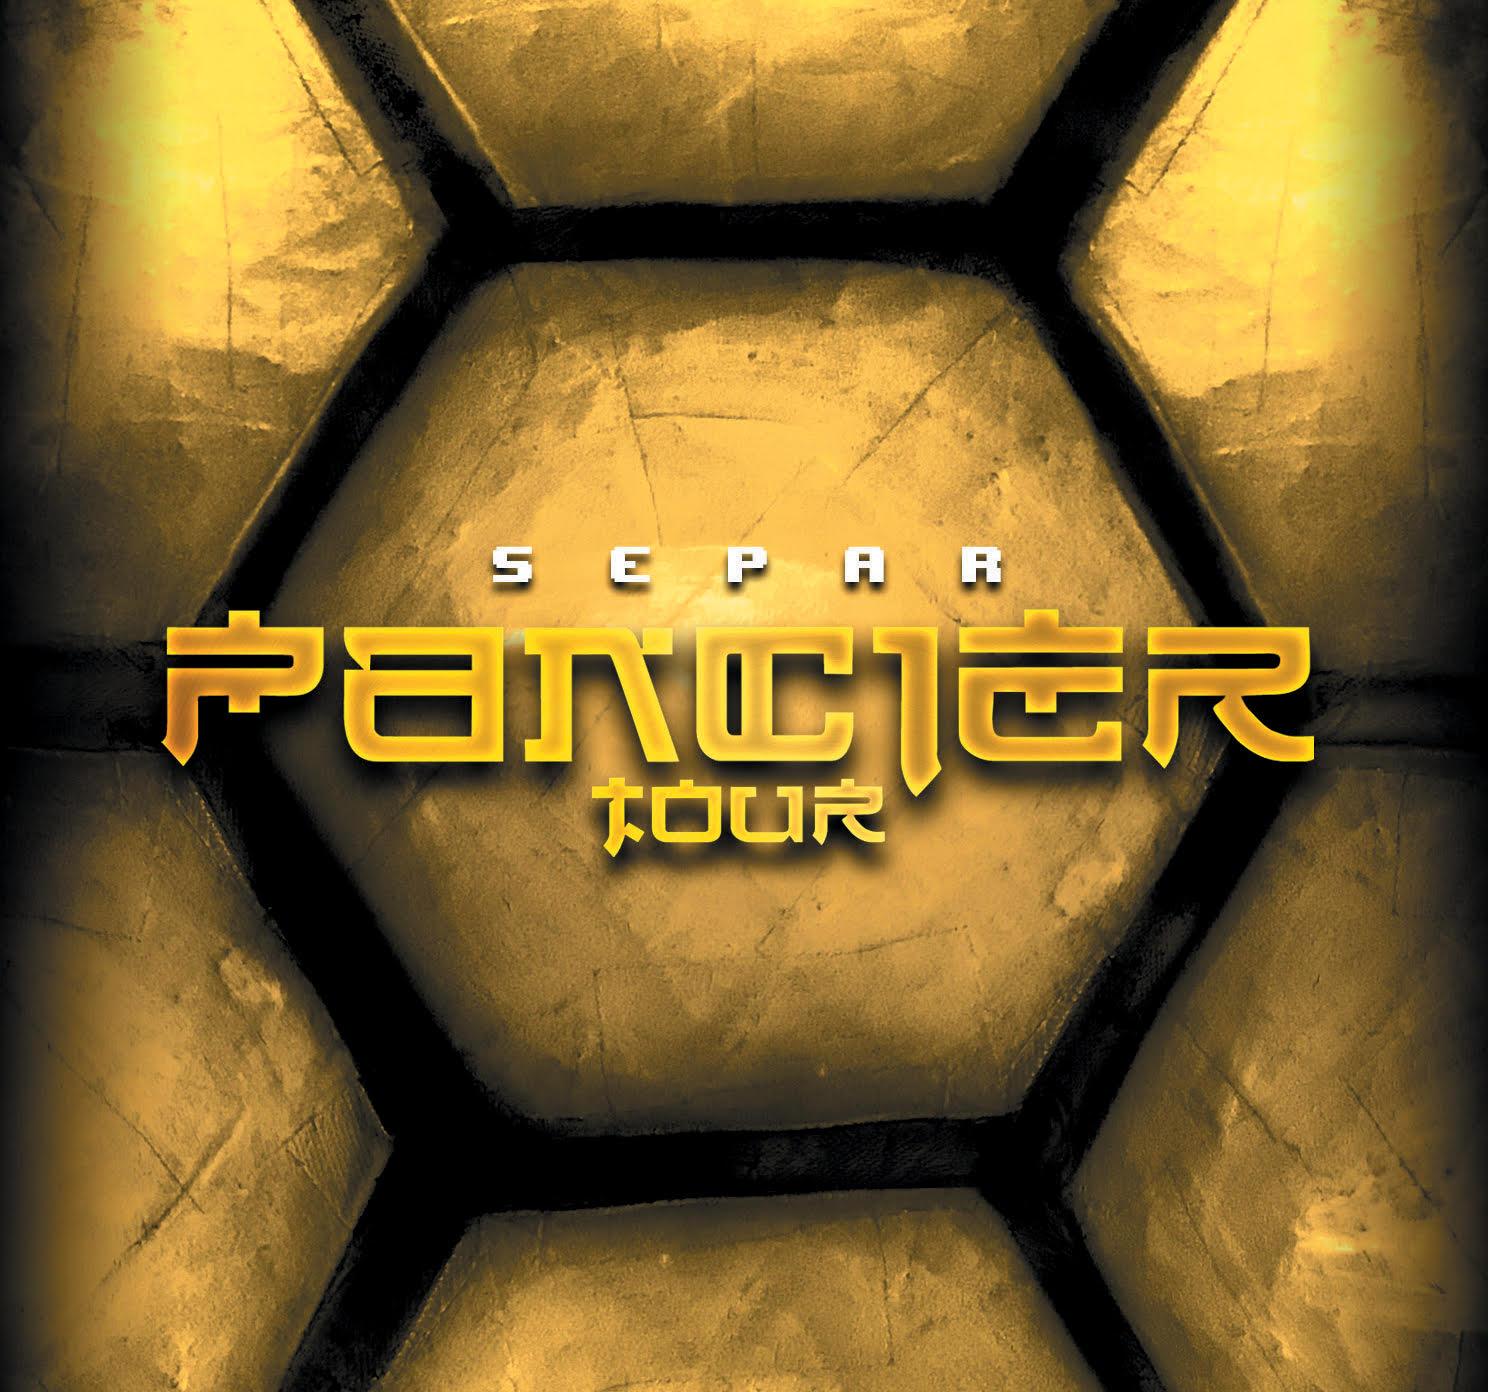 Separ - DVD Pancier Tour